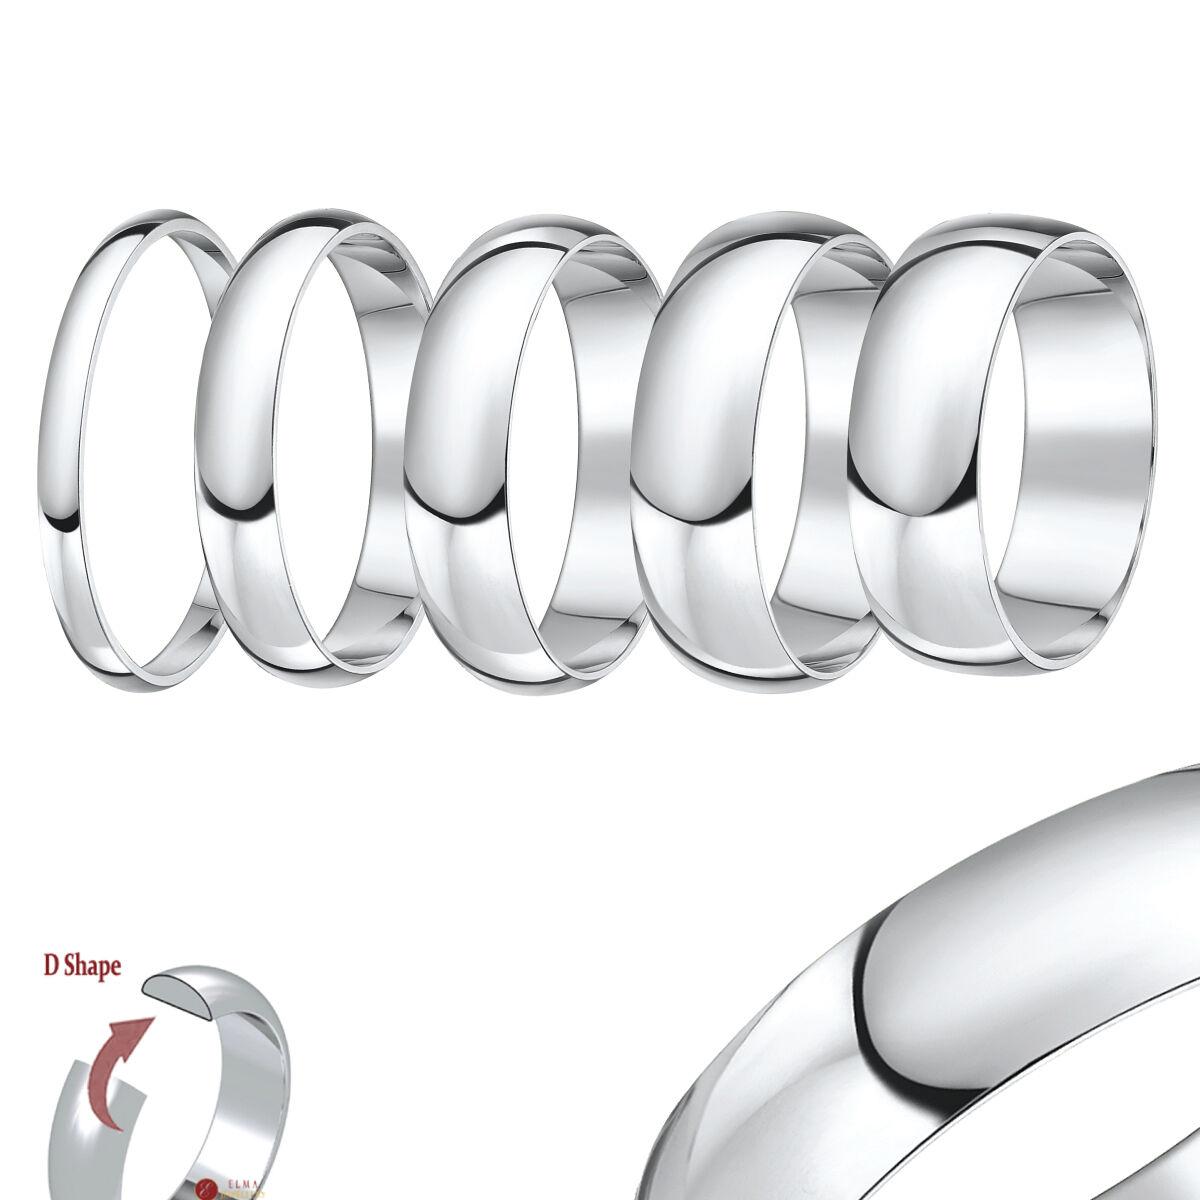 9ct Anello gold bianco forma a D MEDIO PESANTE Anello di matrimonio (